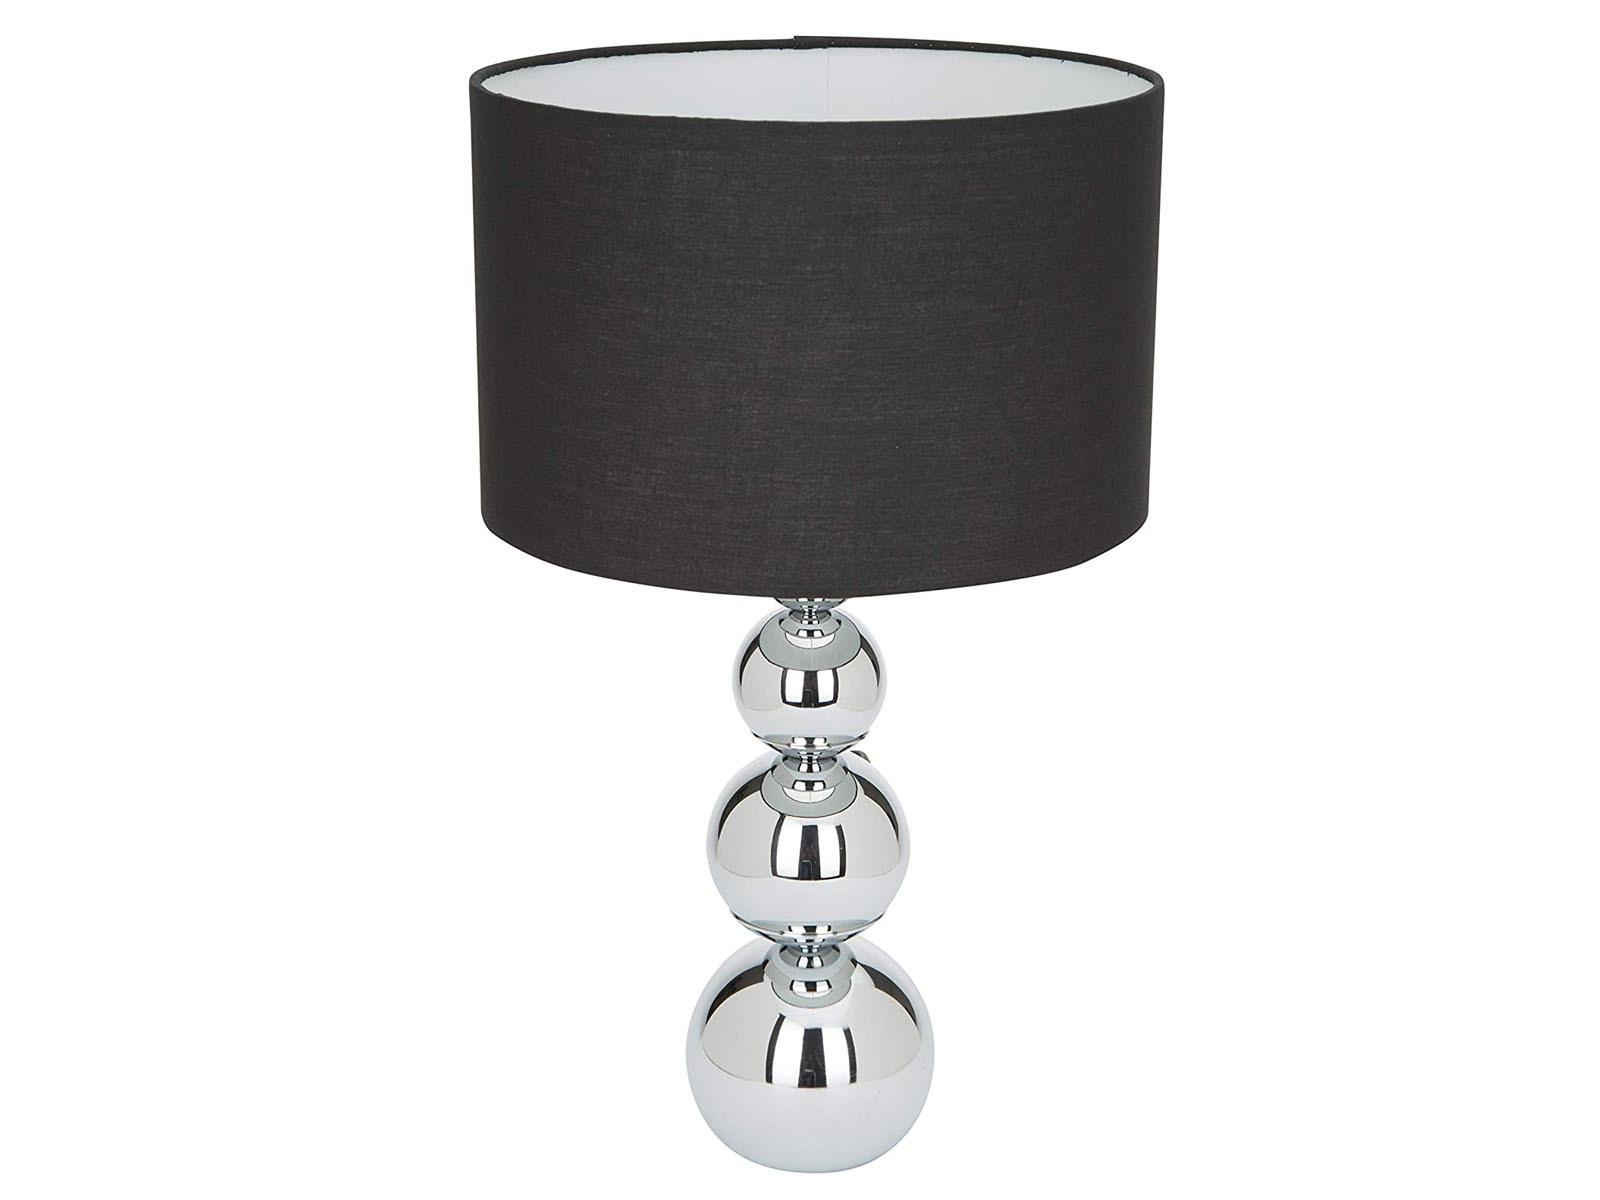 Moderne-Tischleuchte-mit-TOUCH-Dimmer-Lampenschirm-in-Stoff-Schwarz-Nachttisch